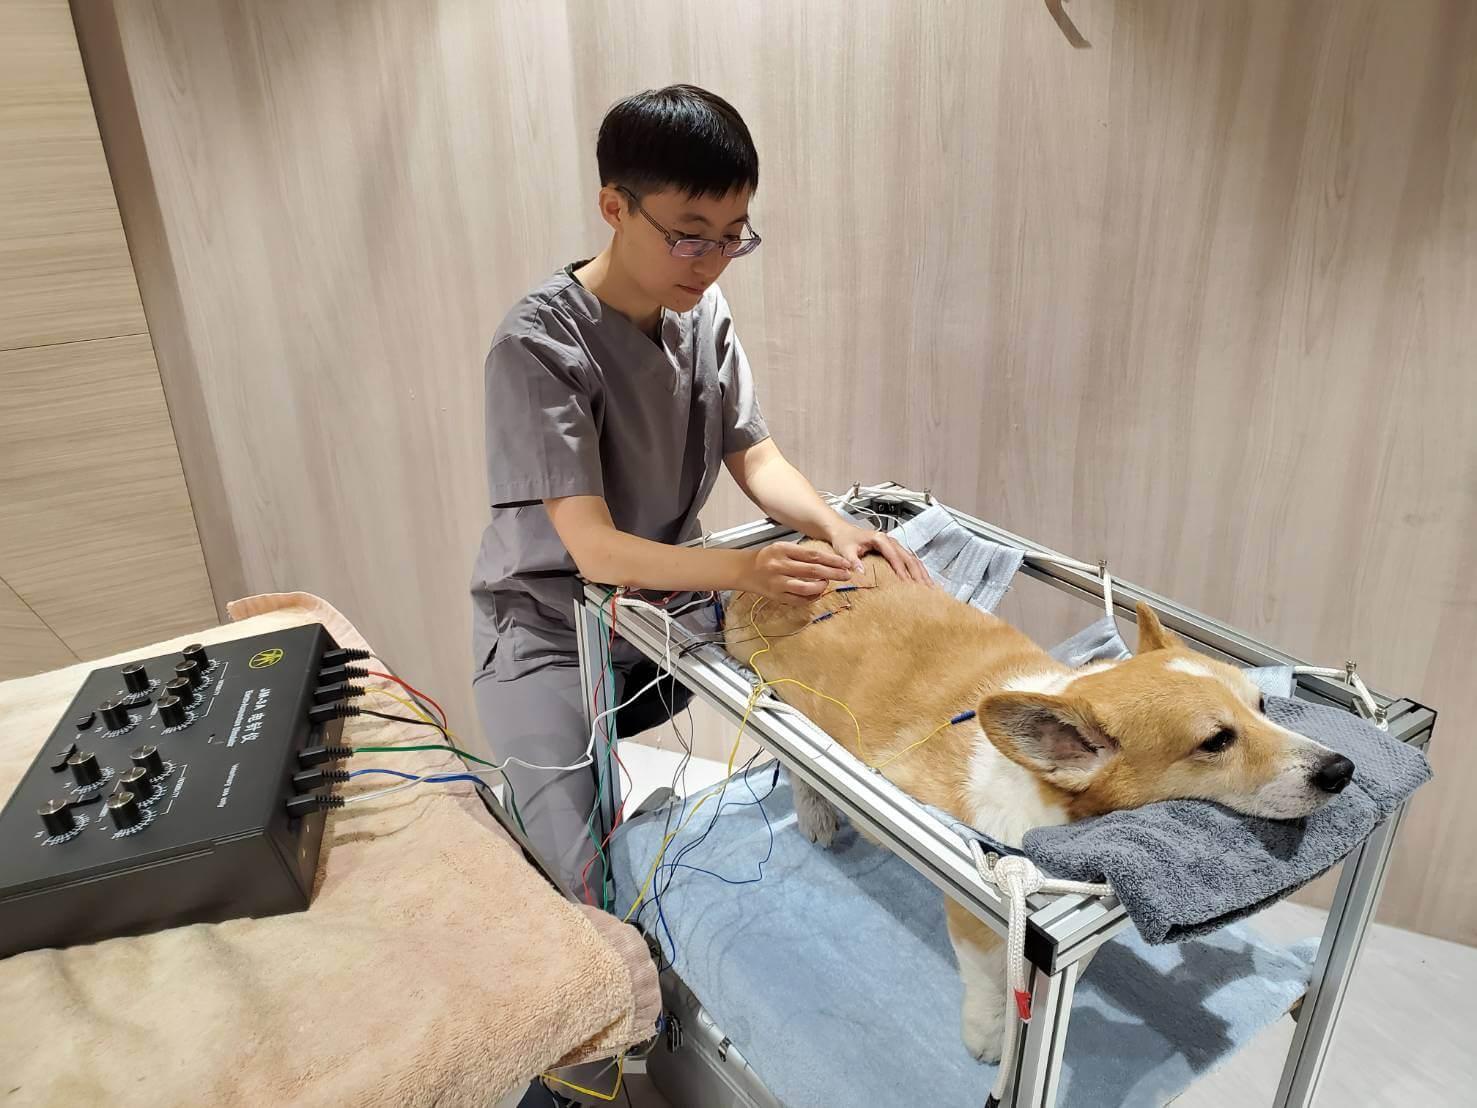 寵物也能針灸!高齡犬照護新選擇